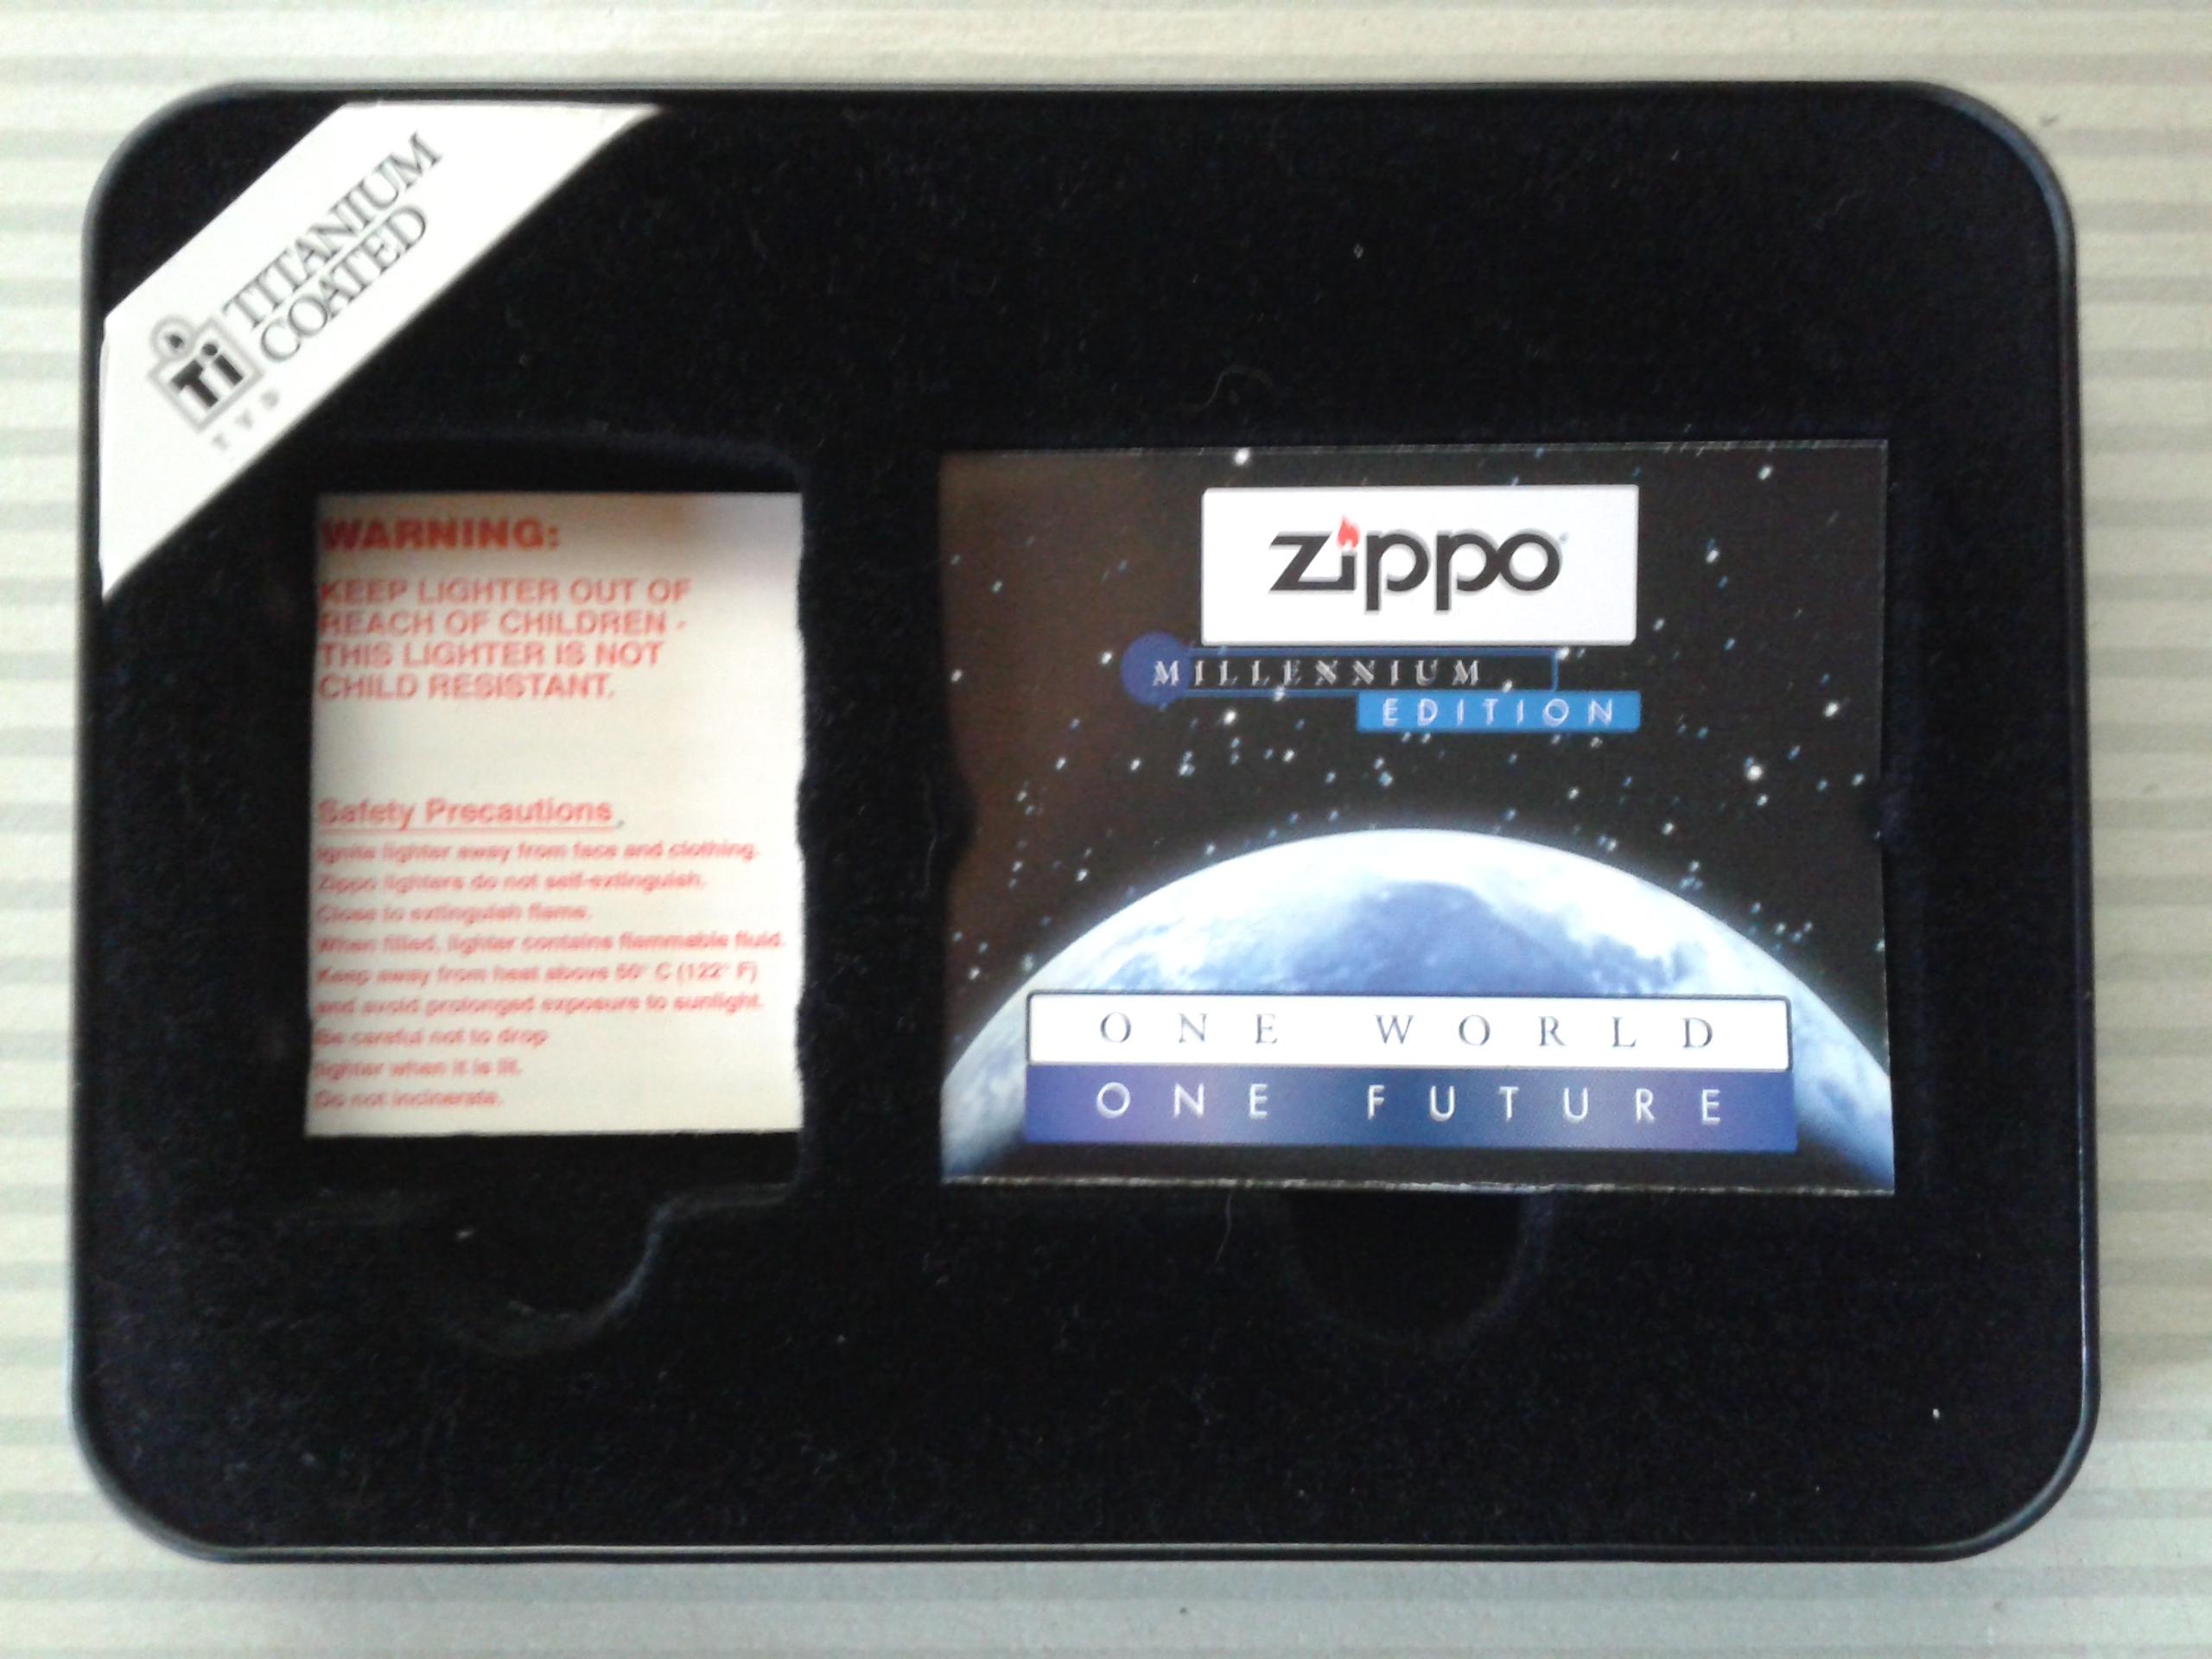 Les boites Zippo au fil du temps - Page 2 866350Titanium5